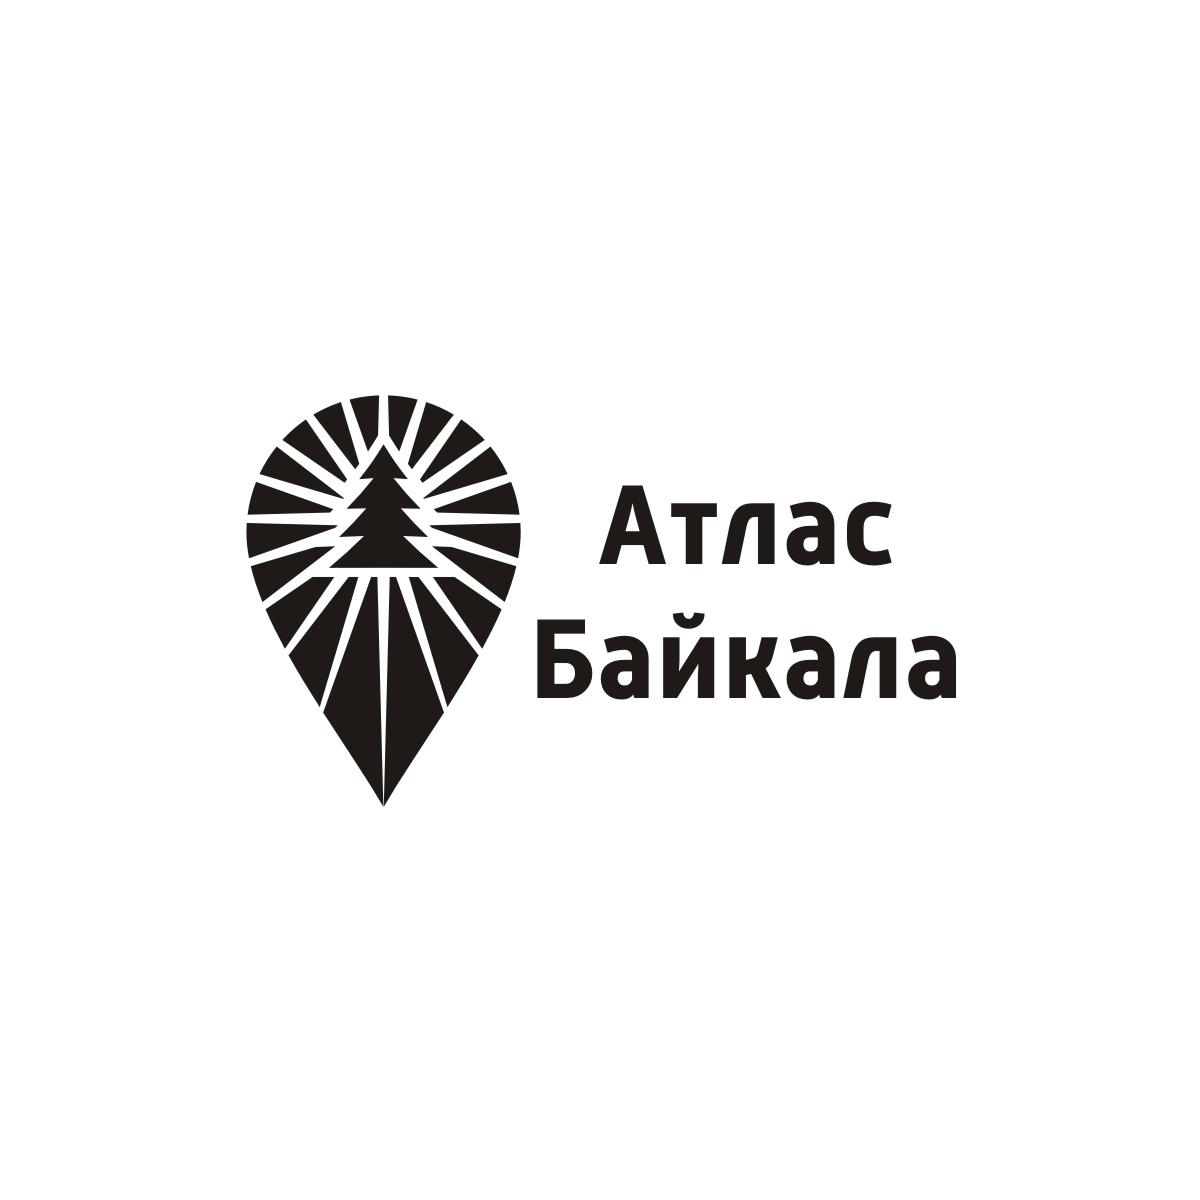 Разработка логотипа Атлас Байкала фото f_2575b19258d8dc18.jpg